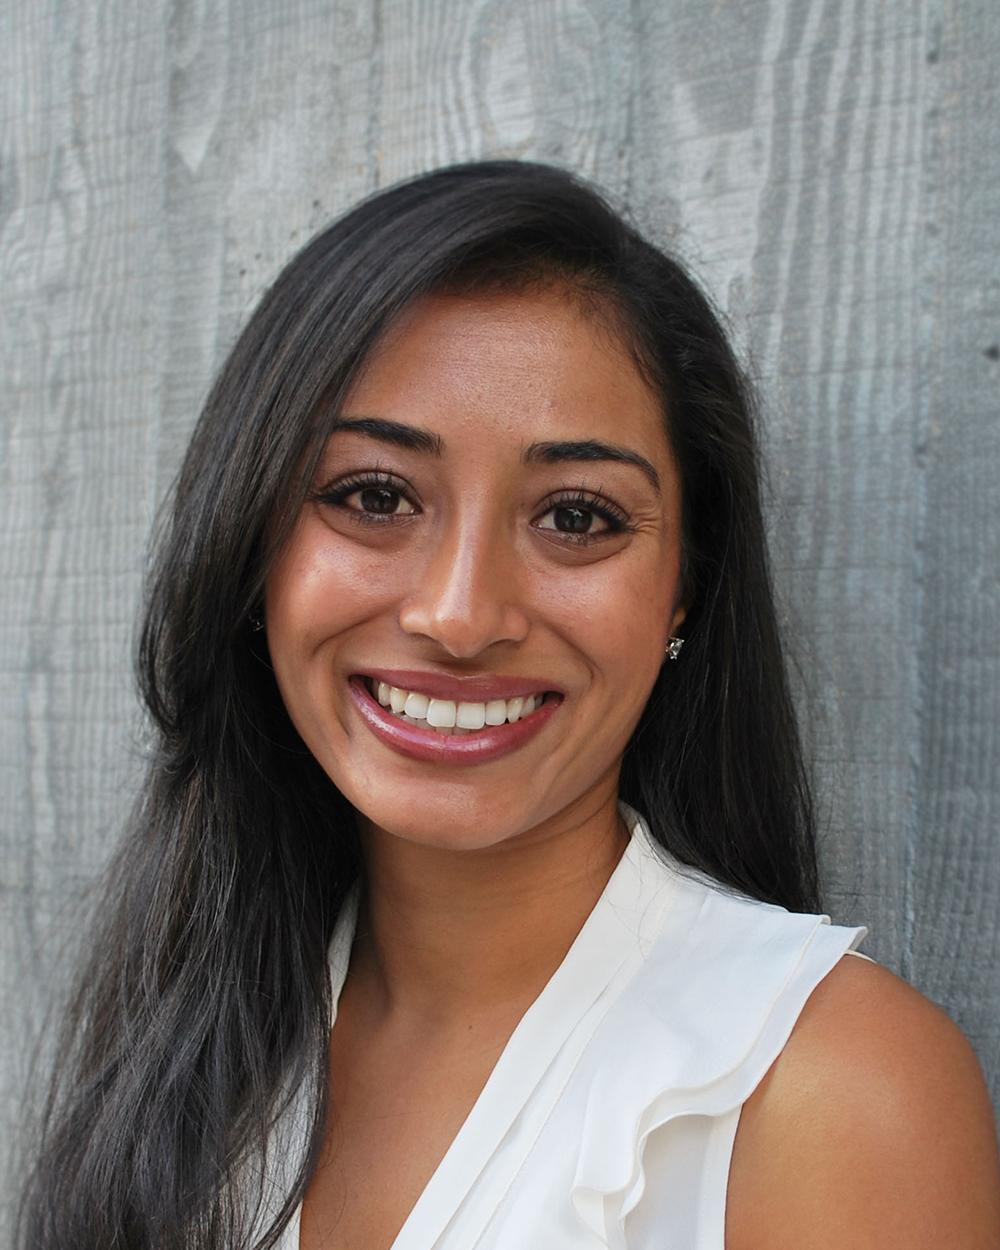 Dr. Jnana Patel